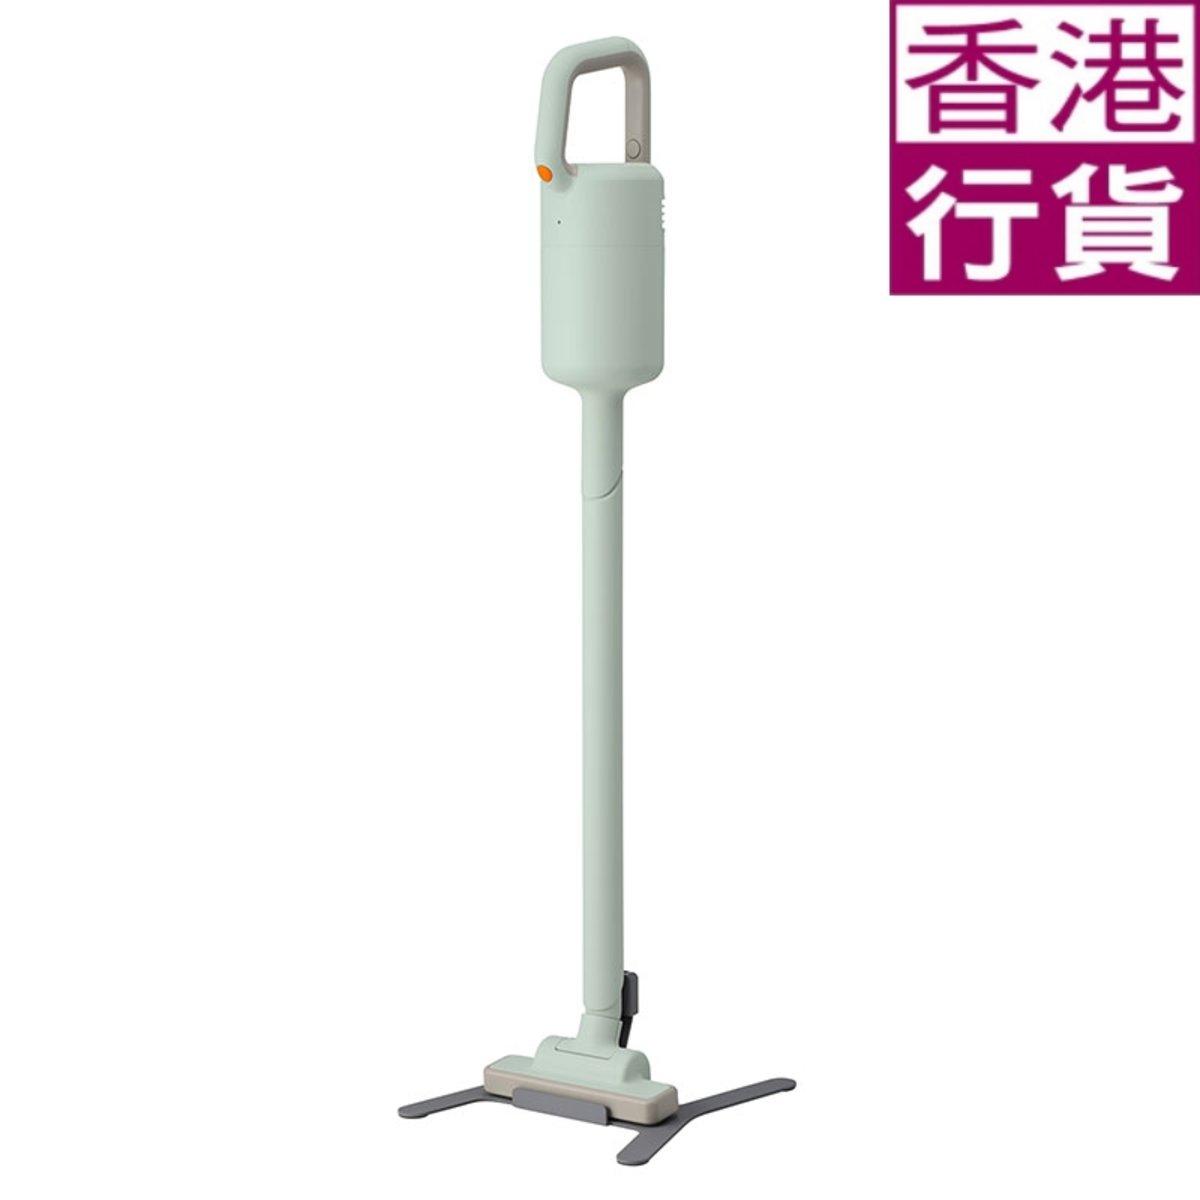 (香港行貨) XJC-Y010 無線吸塵機 (綠色)